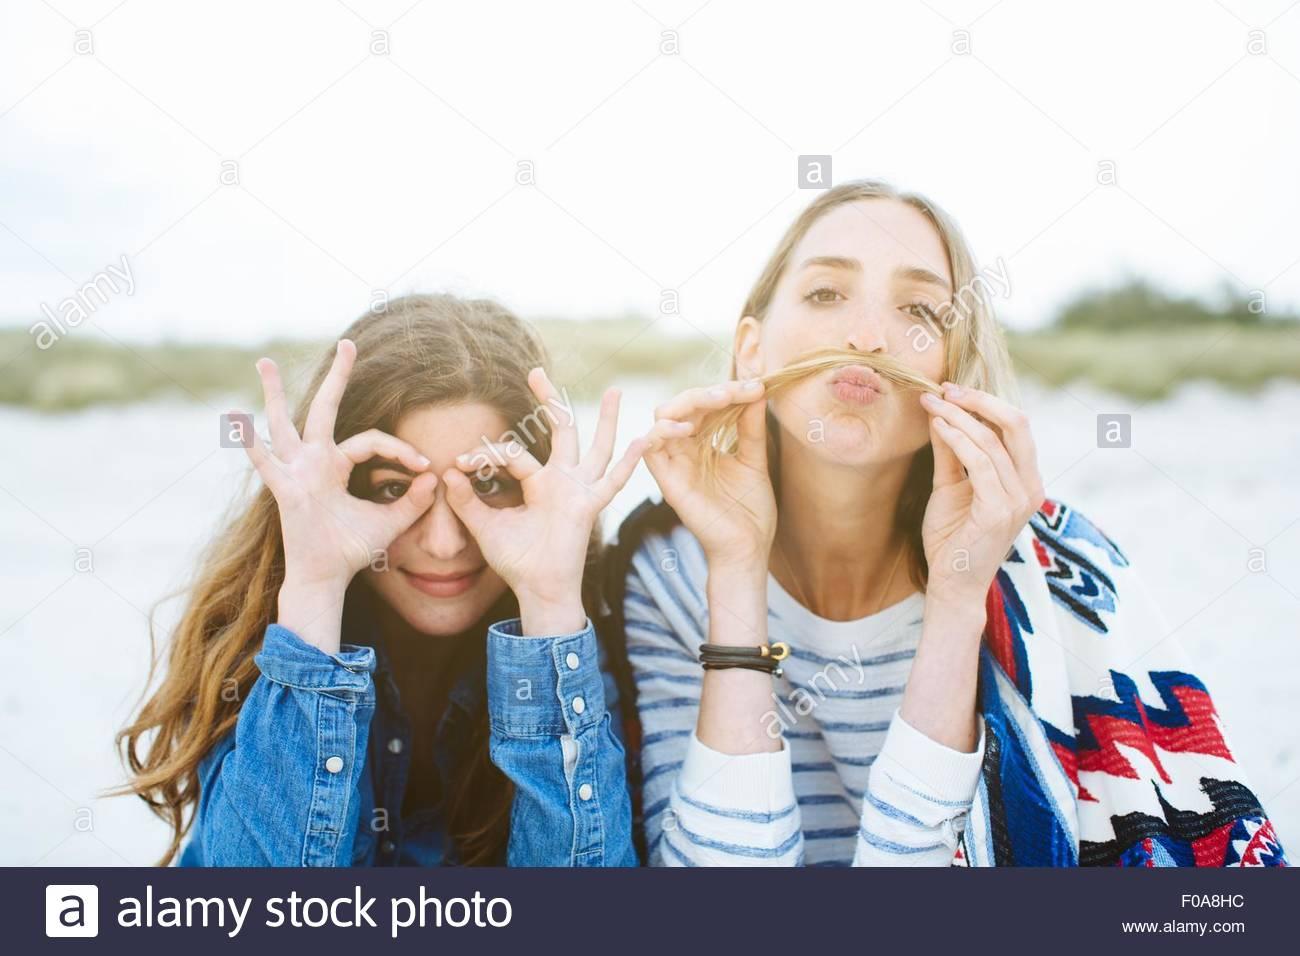 Portrait de deux jeunes amies de décisions de la moustache et à lunettes visages on beach Photo Stock